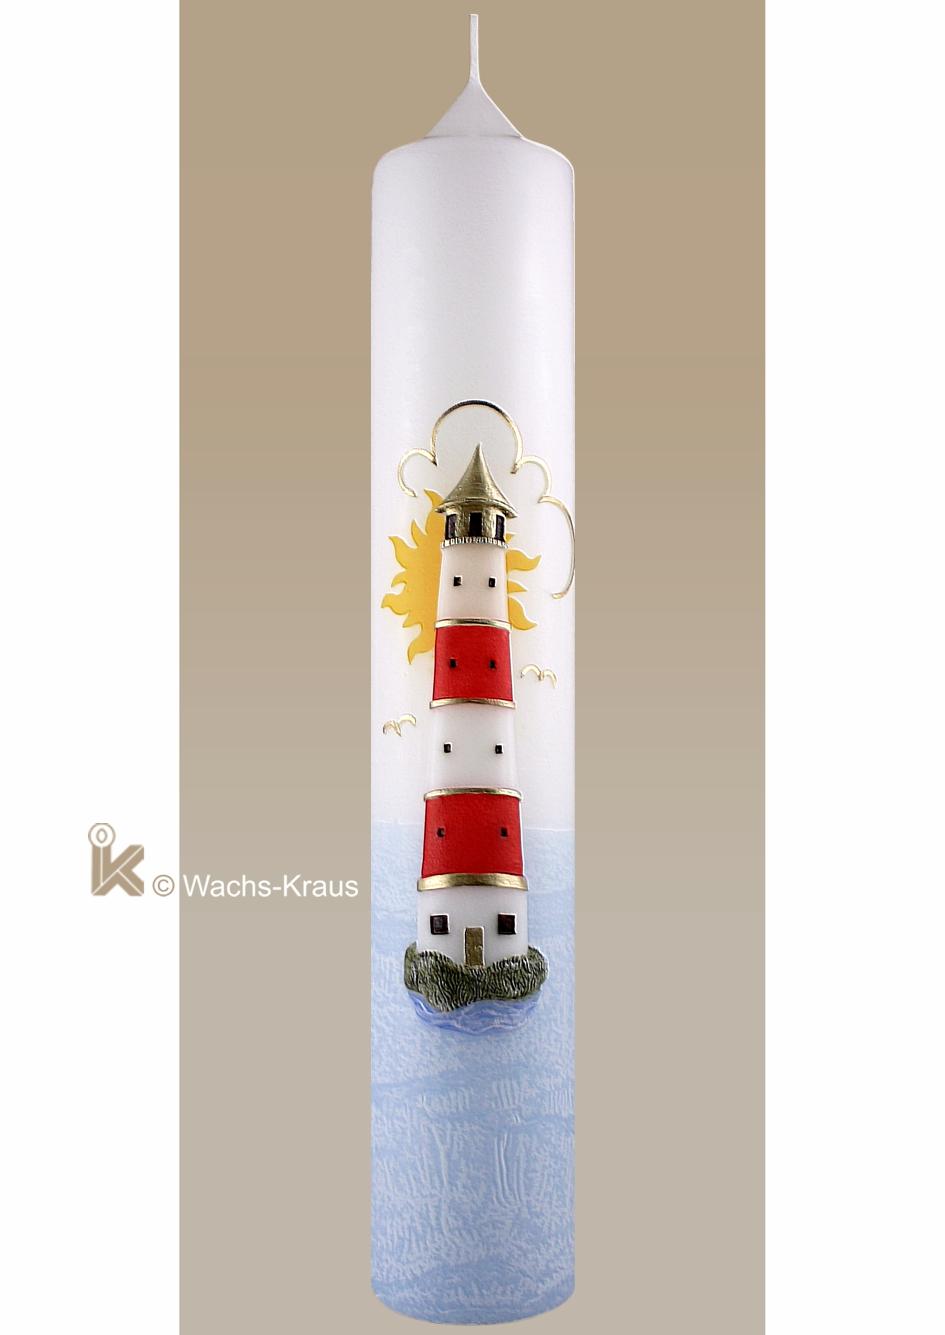 Tolle Taufkerze mit einem aus Wachs gegossenen Leuchtturm. Der Leuchtturm weist den Weg, gibt die Richtung vor, wie der Glaube.